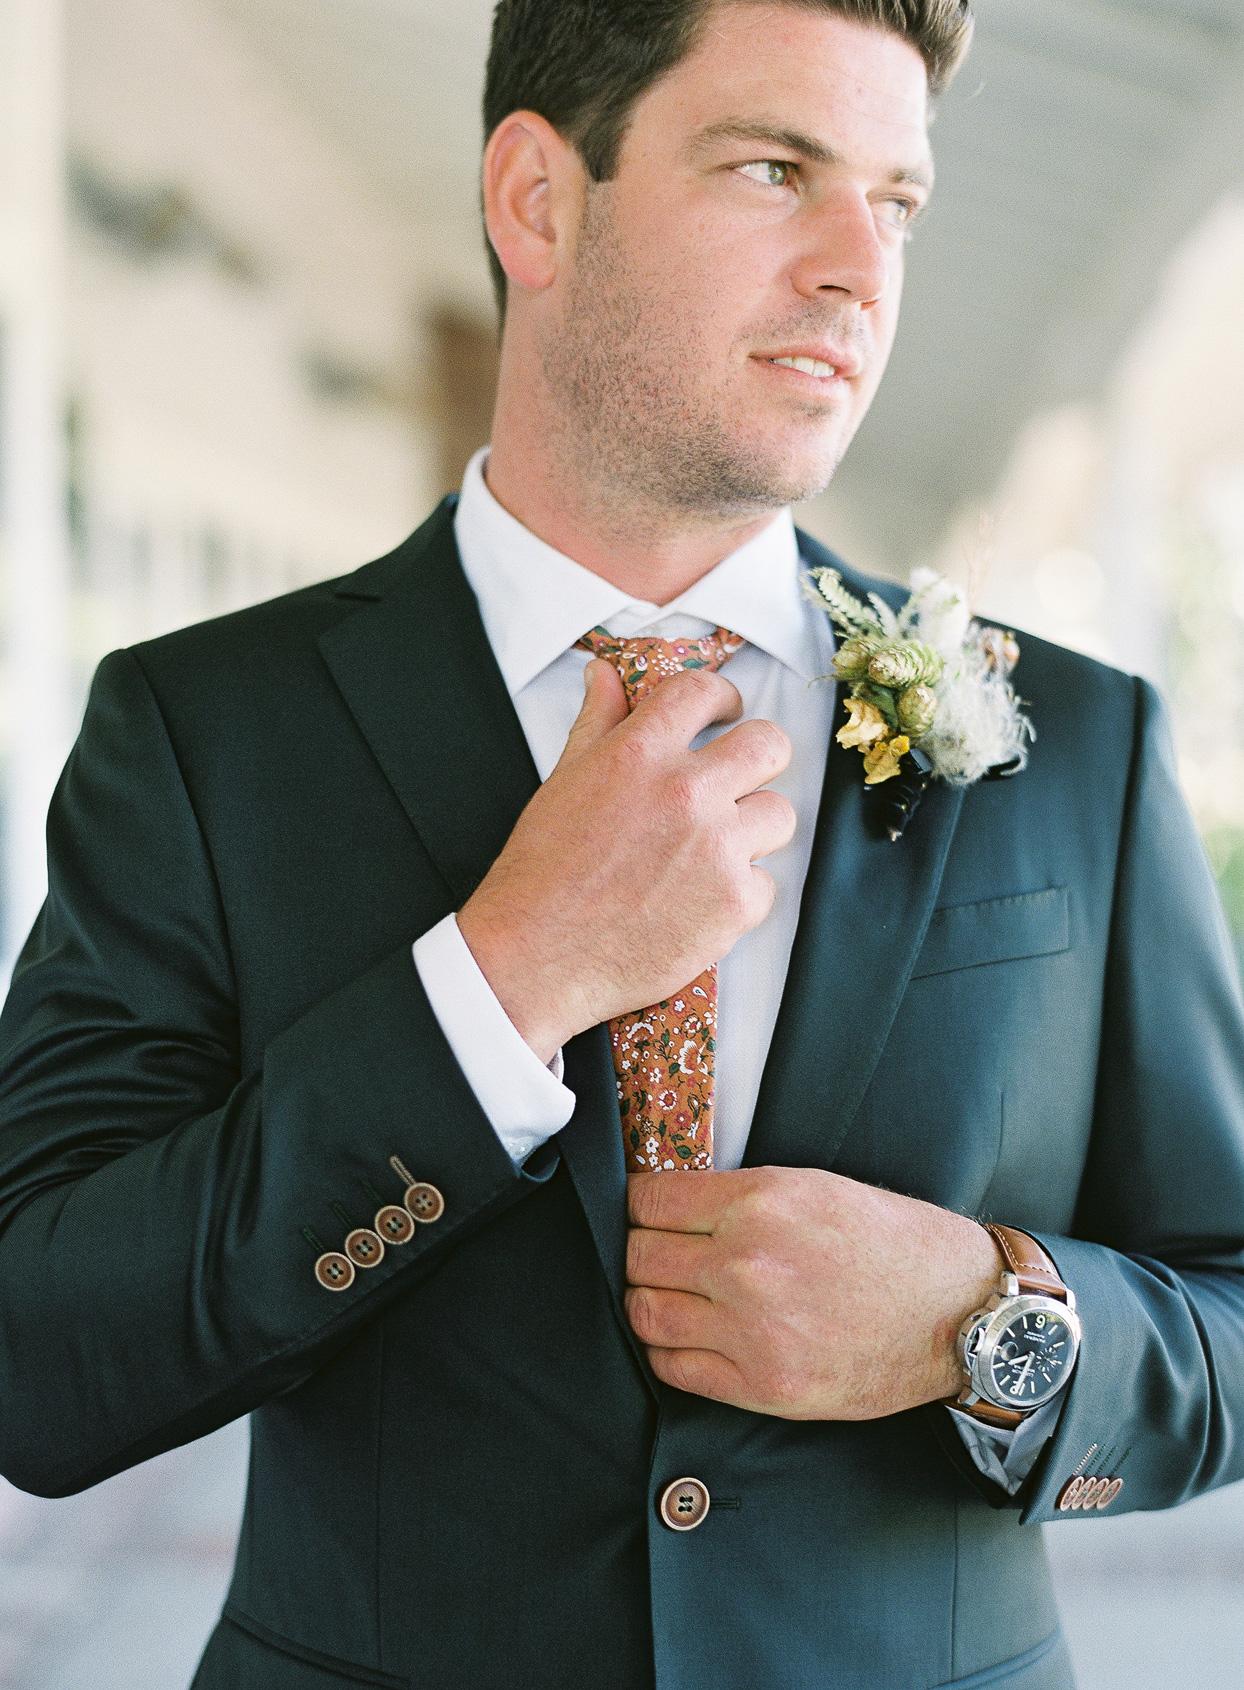 groom adjusting floral necktie